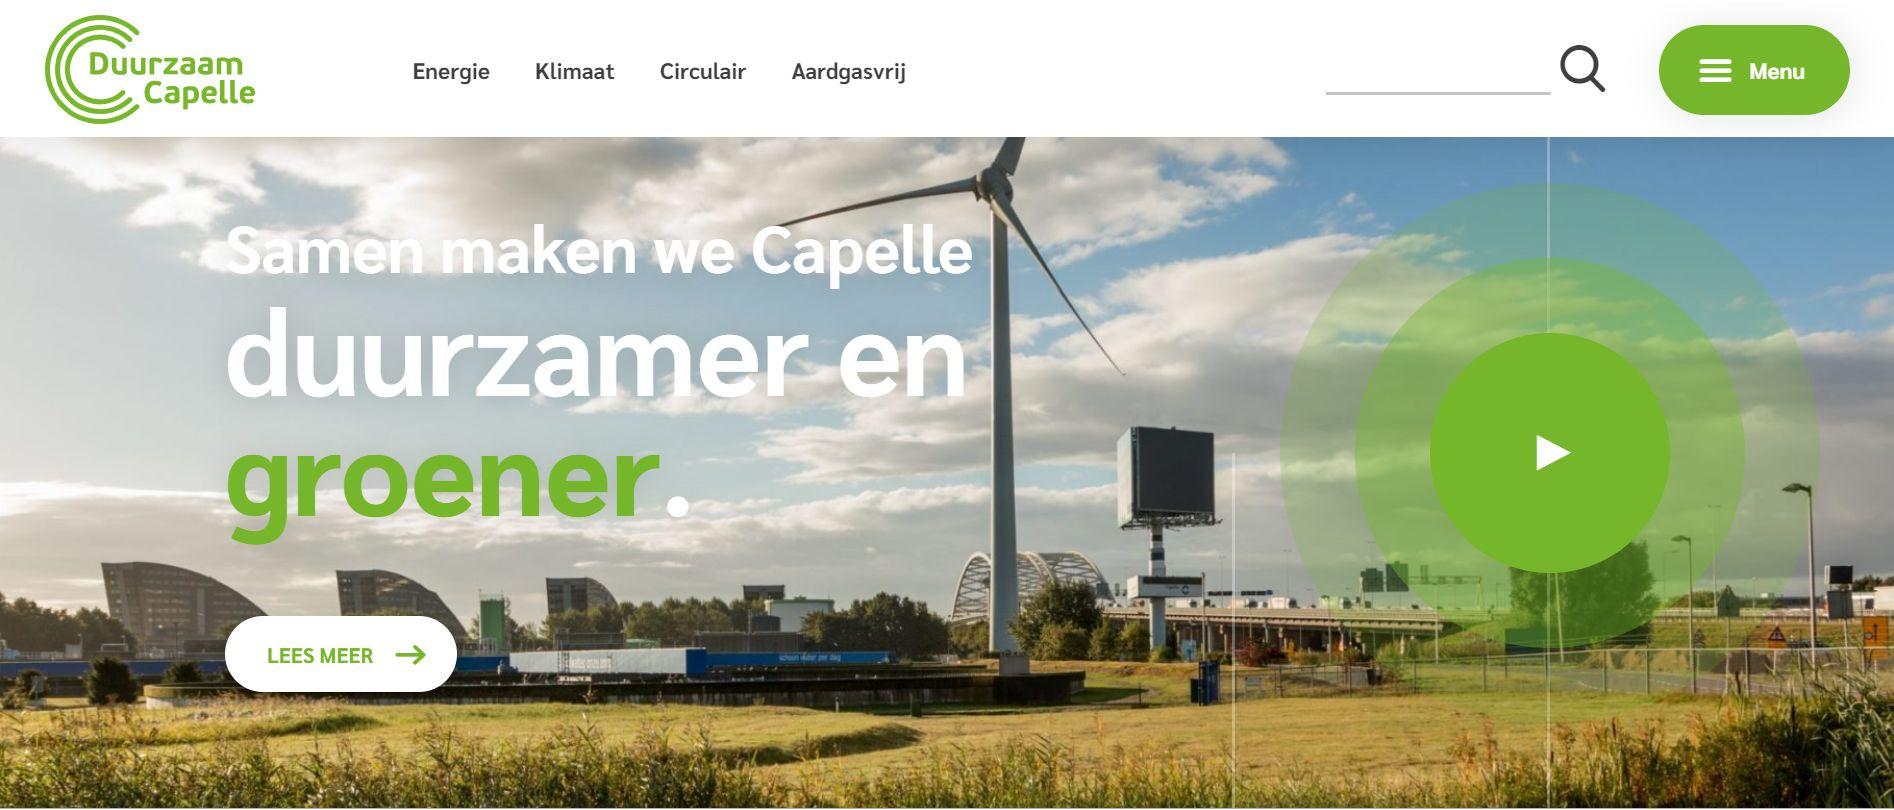 Het ECC en Duurzaam Capelle……